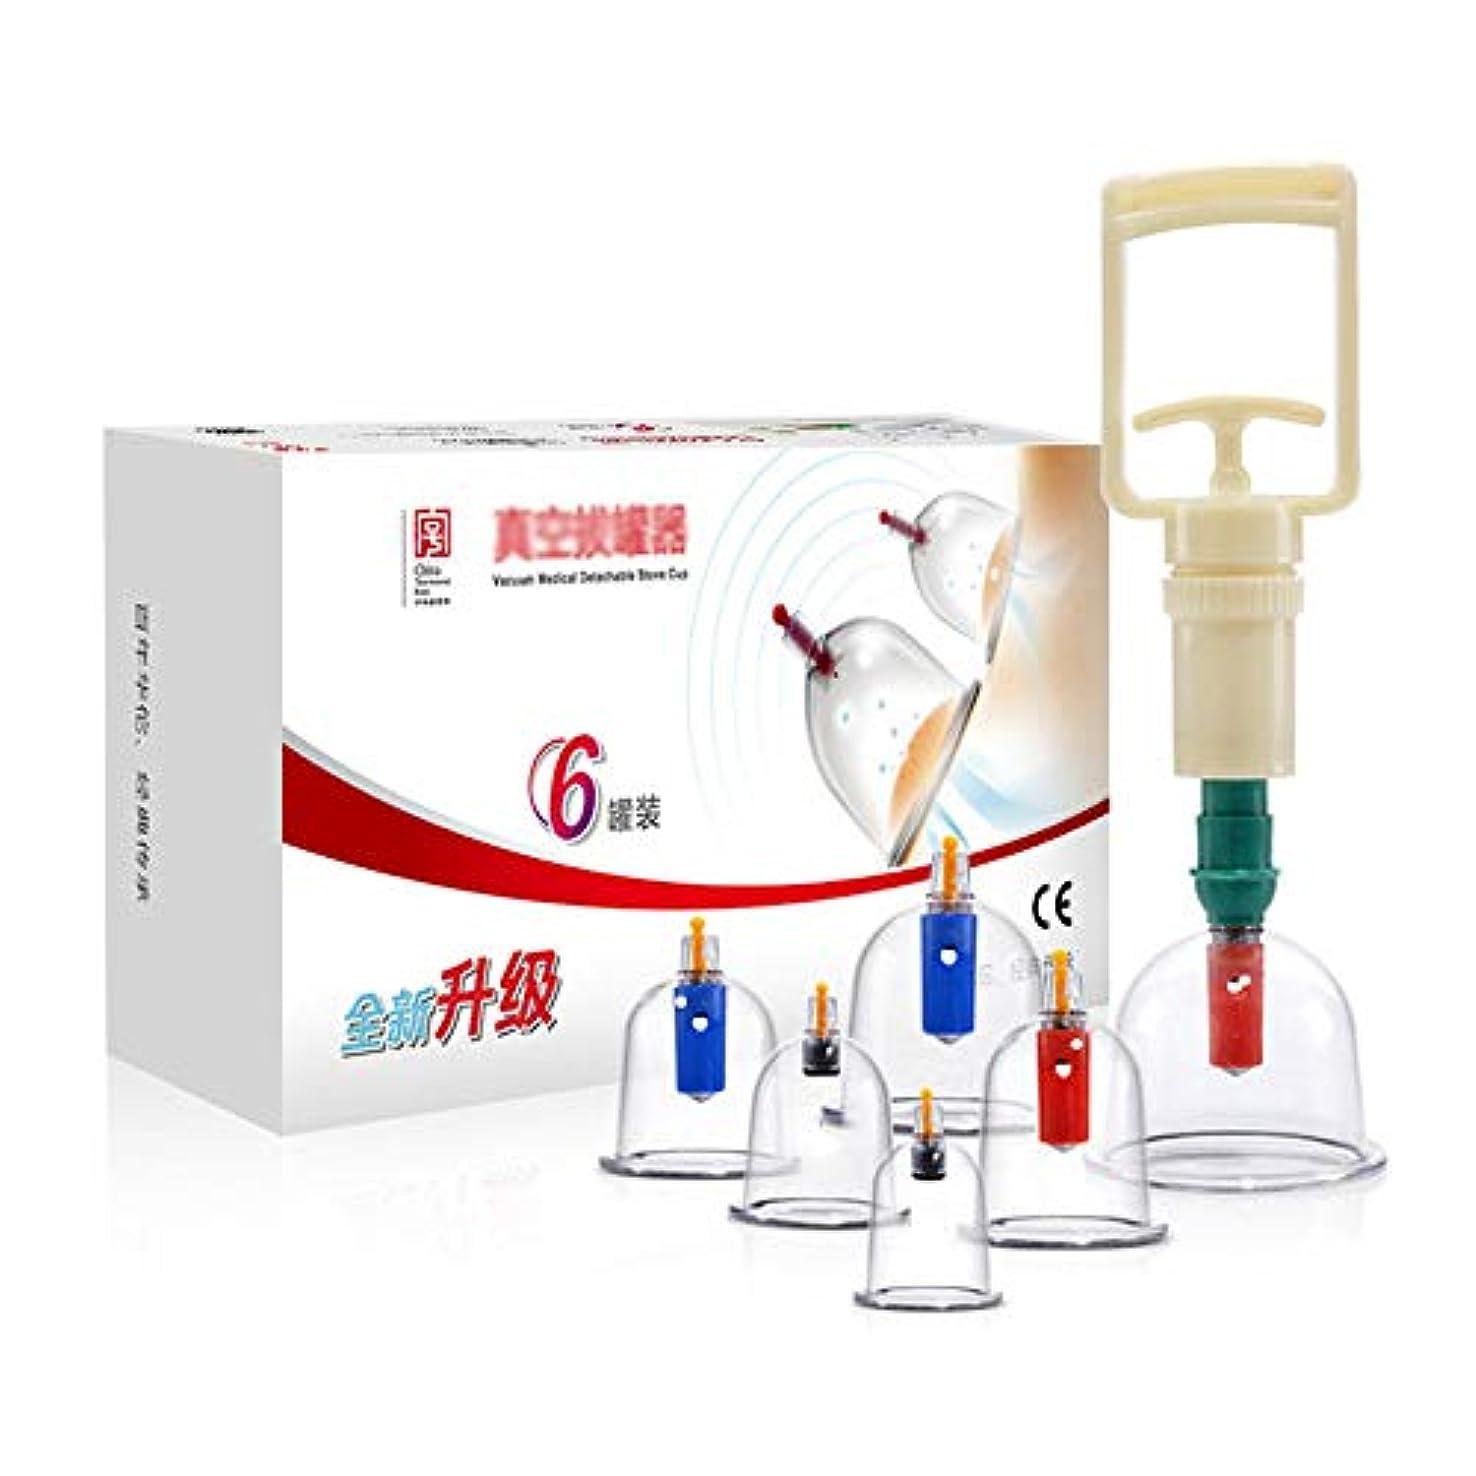 奇跡的な手錠斧Jia He 漢方療法 カッピング装置 - 防爆厚い真空専門のカッピング治療装置6カップは、大人に適したポンプハンドルと延長チューブで設定 ##